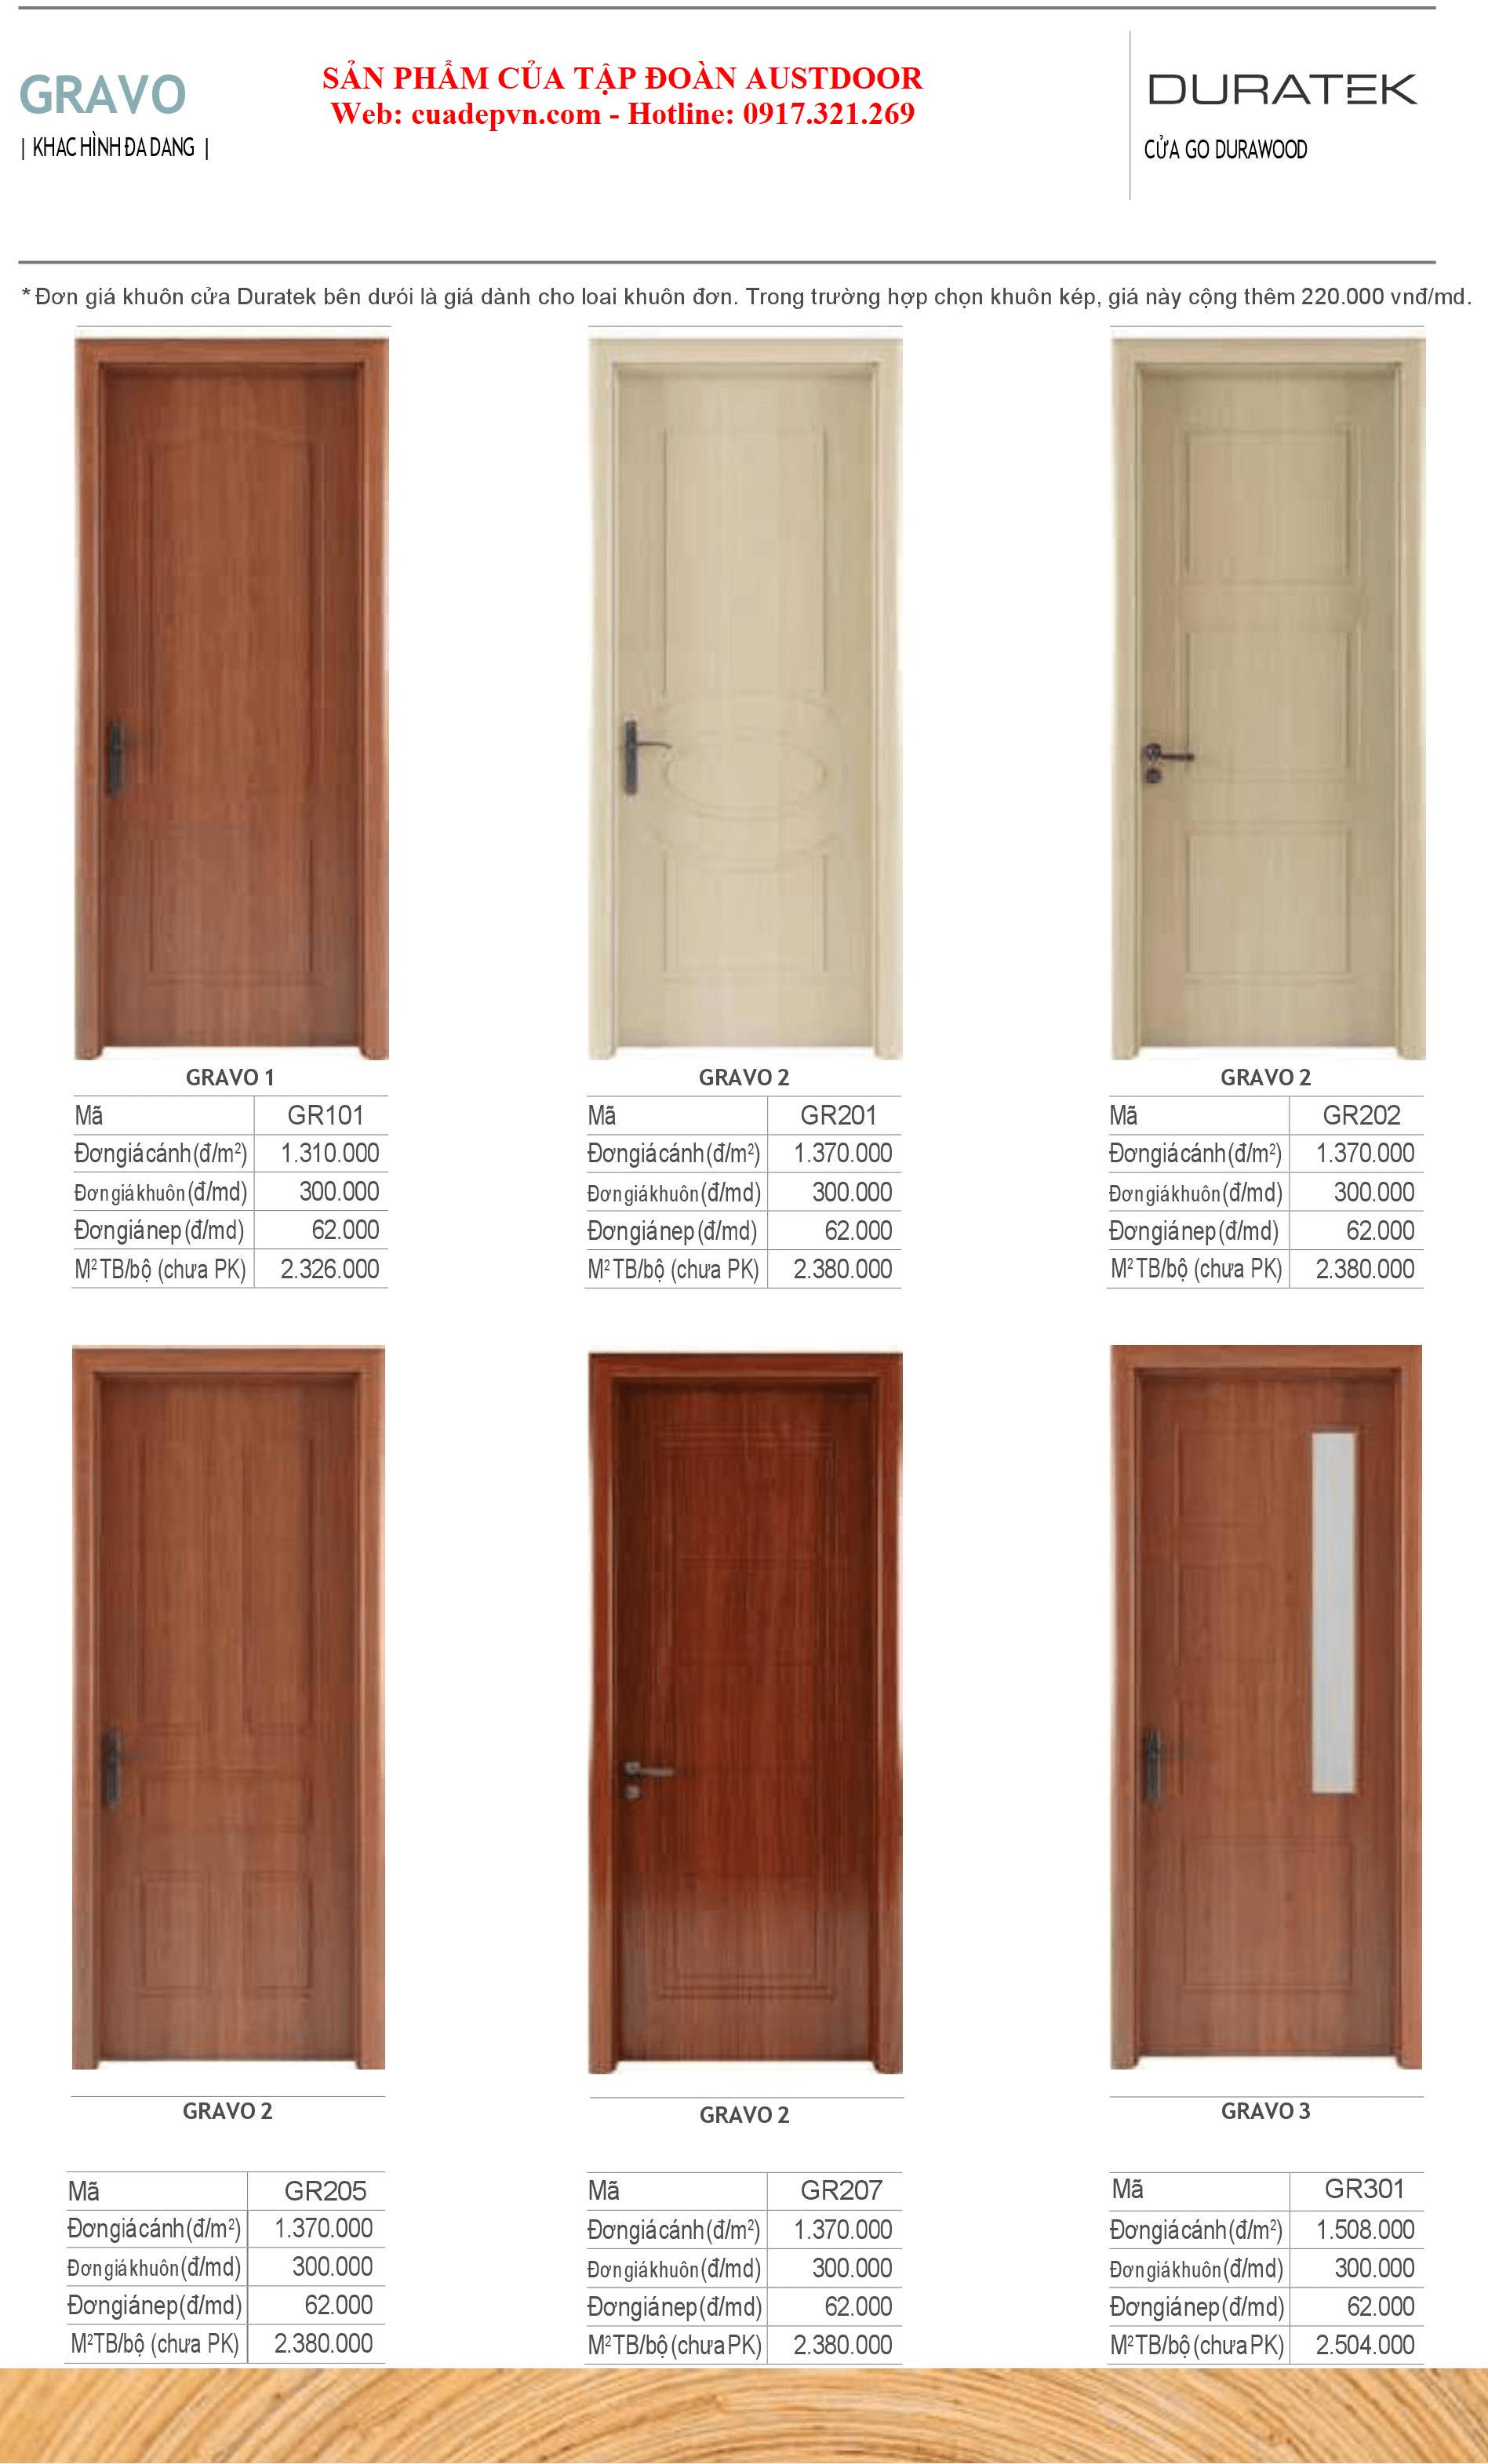 Duratek 2 - Cửa gỗ Công Nghiệp Chịu Nước DURATEK Gravo 205